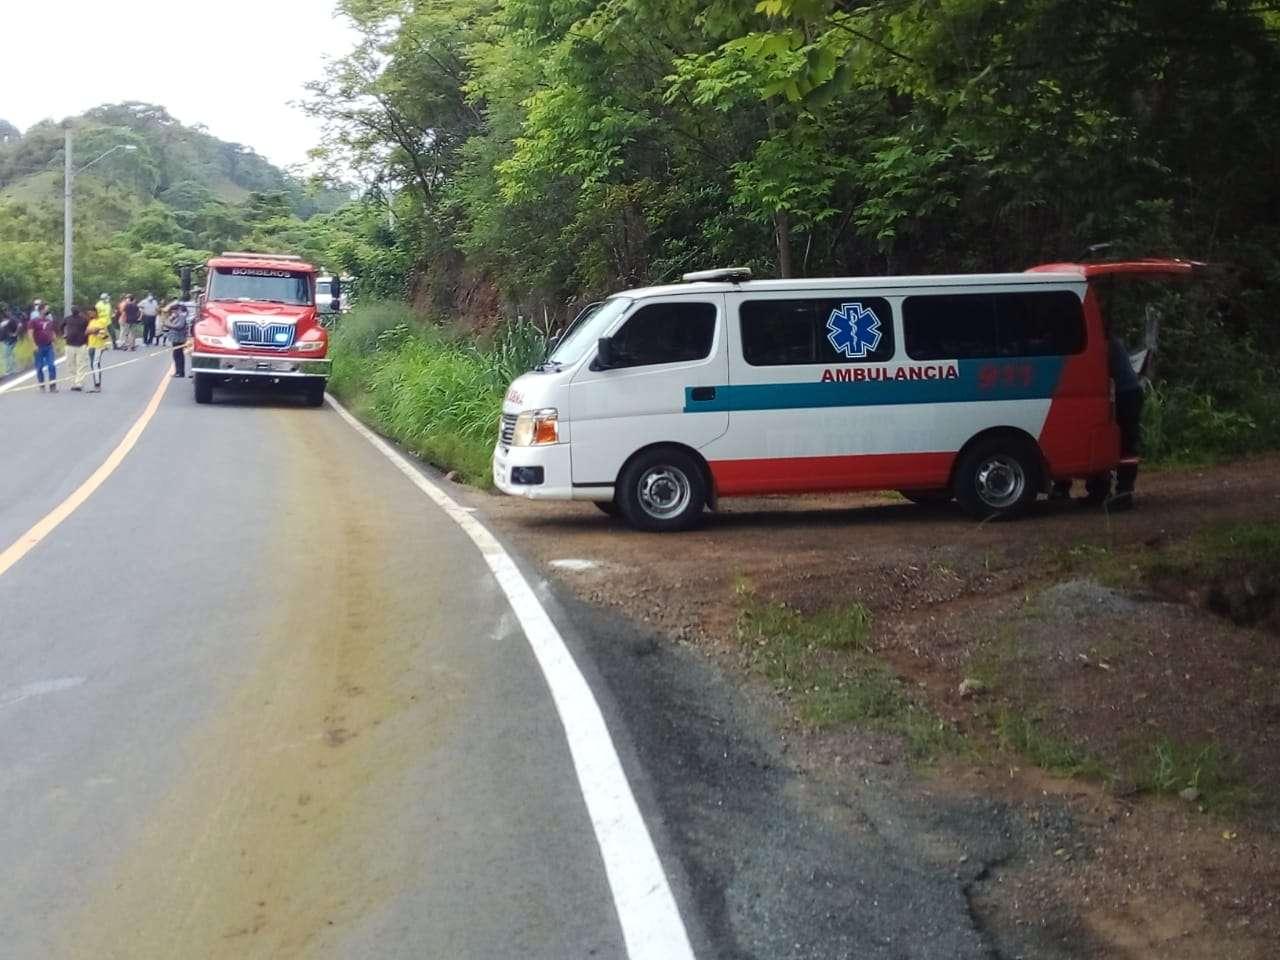 La víctima quedó tendida en la carretera, su muerte fue inmediata.